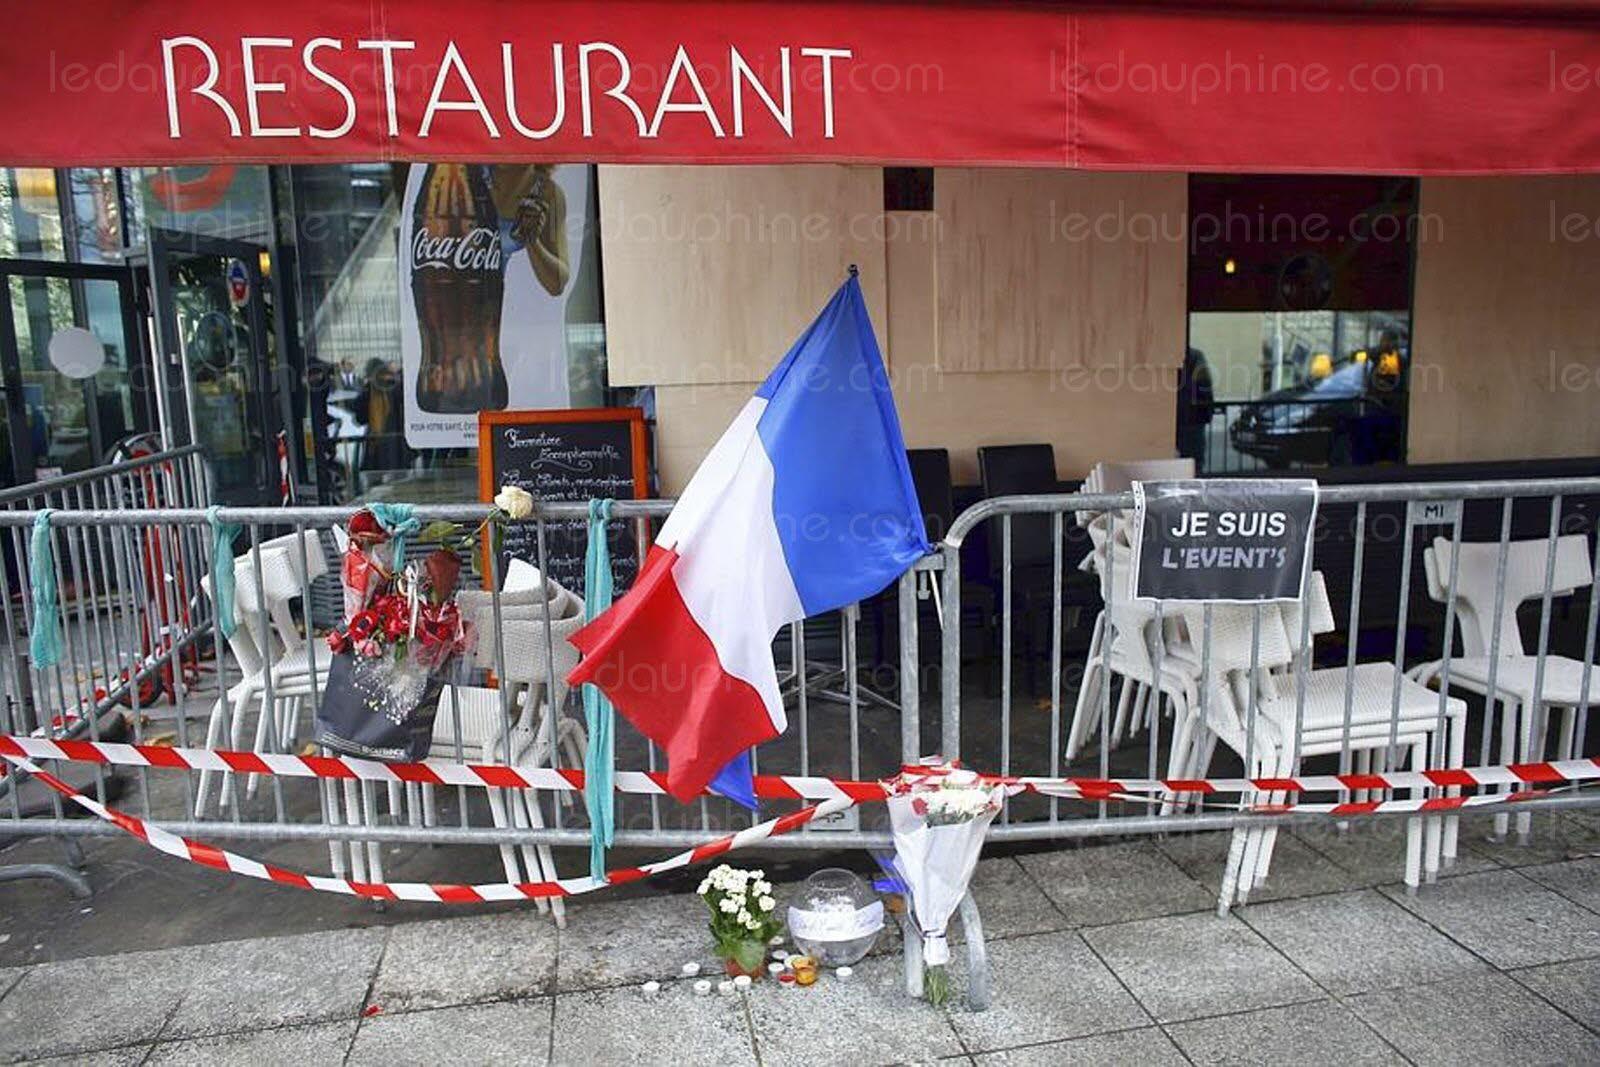 Attentats à Paris : tous les équipements sportifs fermés à Saint-Denis…par Le Parisien….